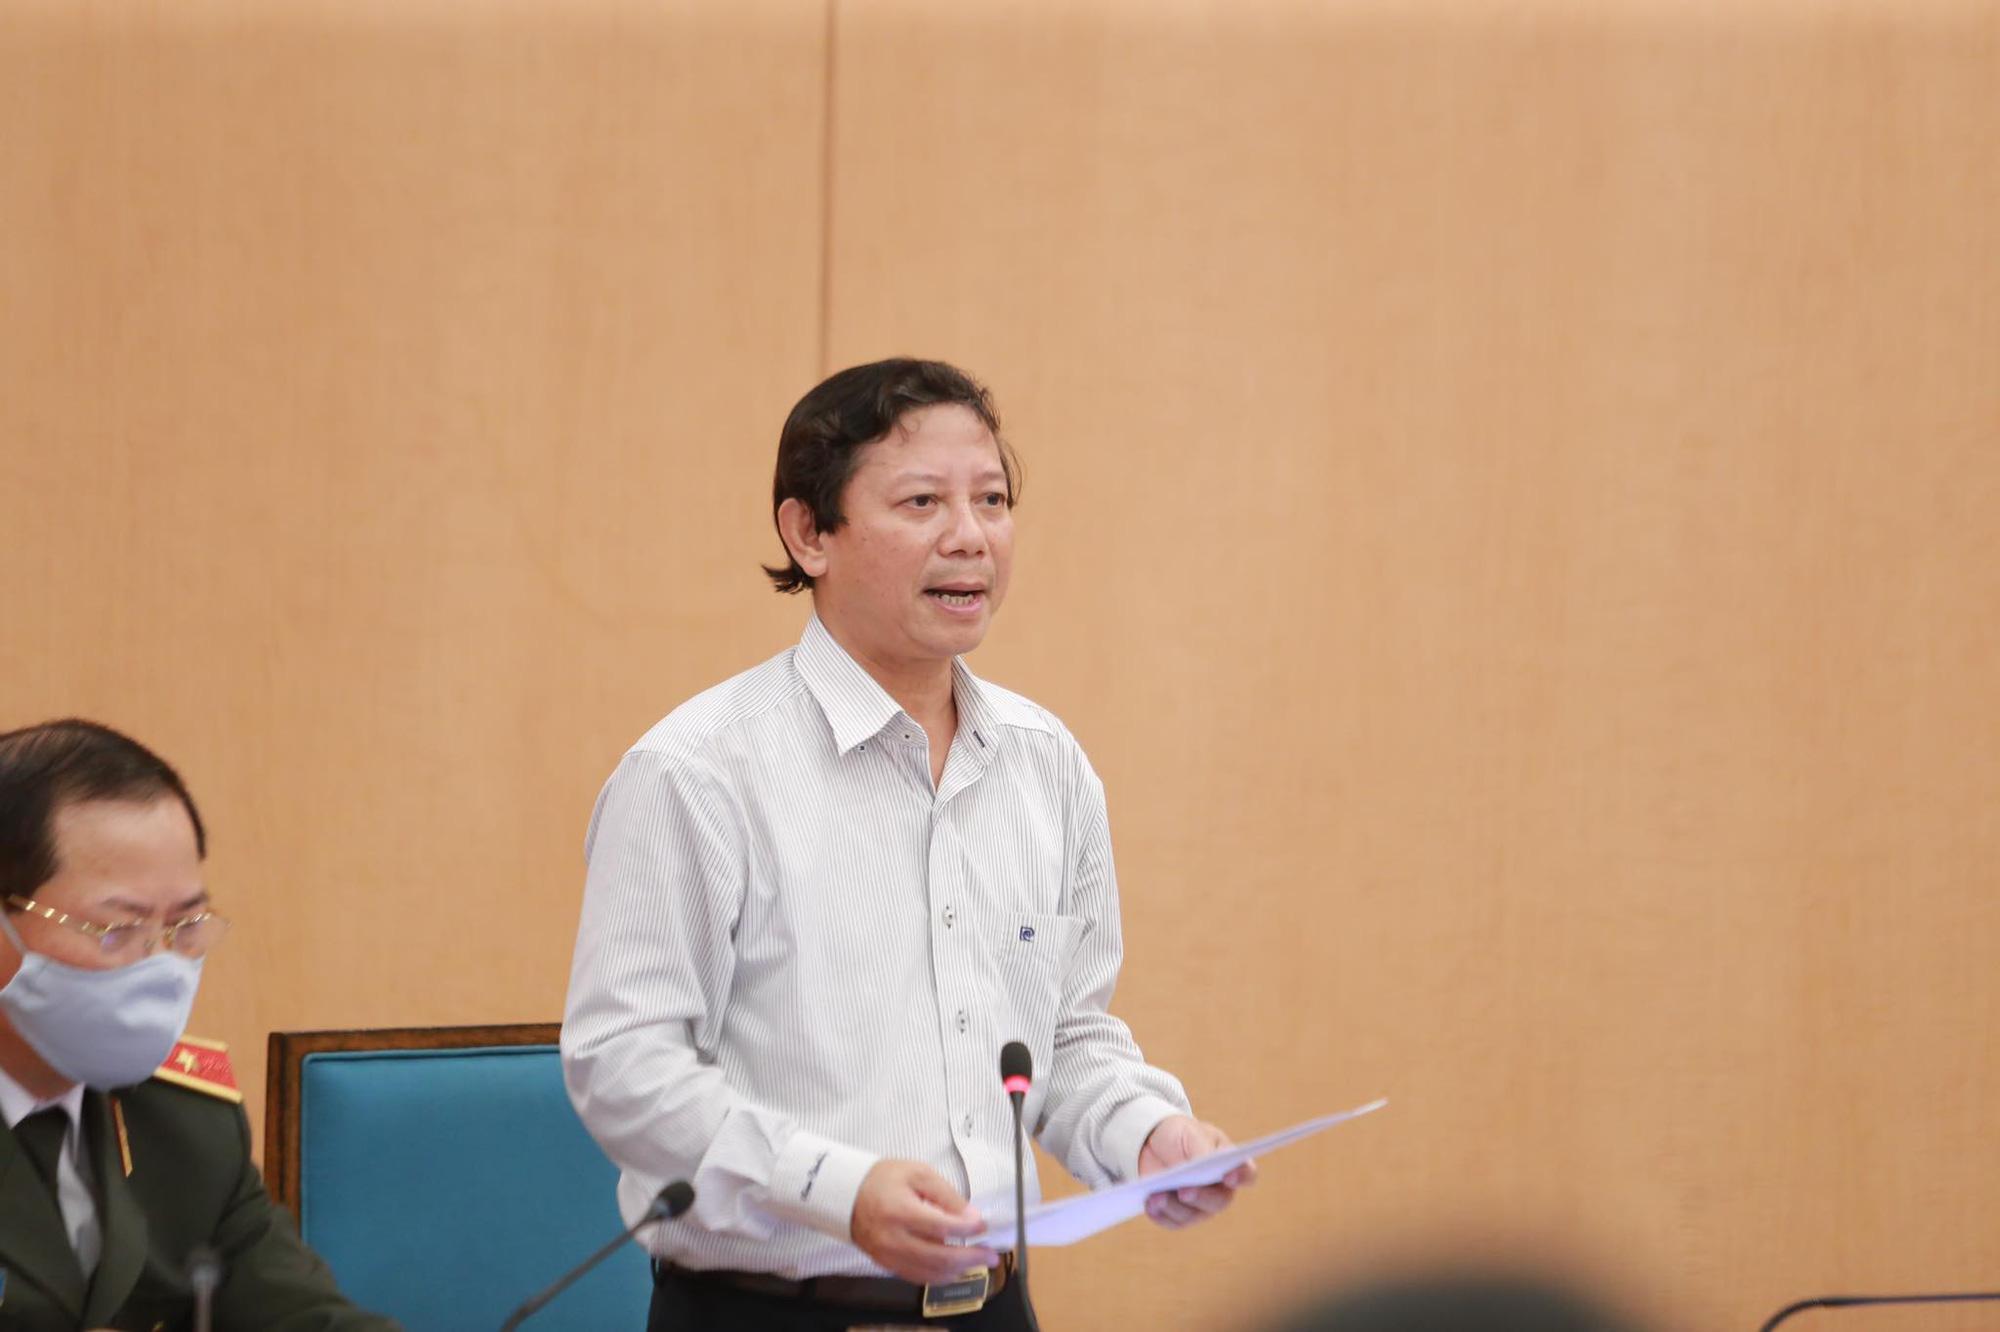 Ai phụ trách CDC Hà Nội sau khi ông Nguyễn Nhật Cảm bị khởi tố? - Báo Người  lao động